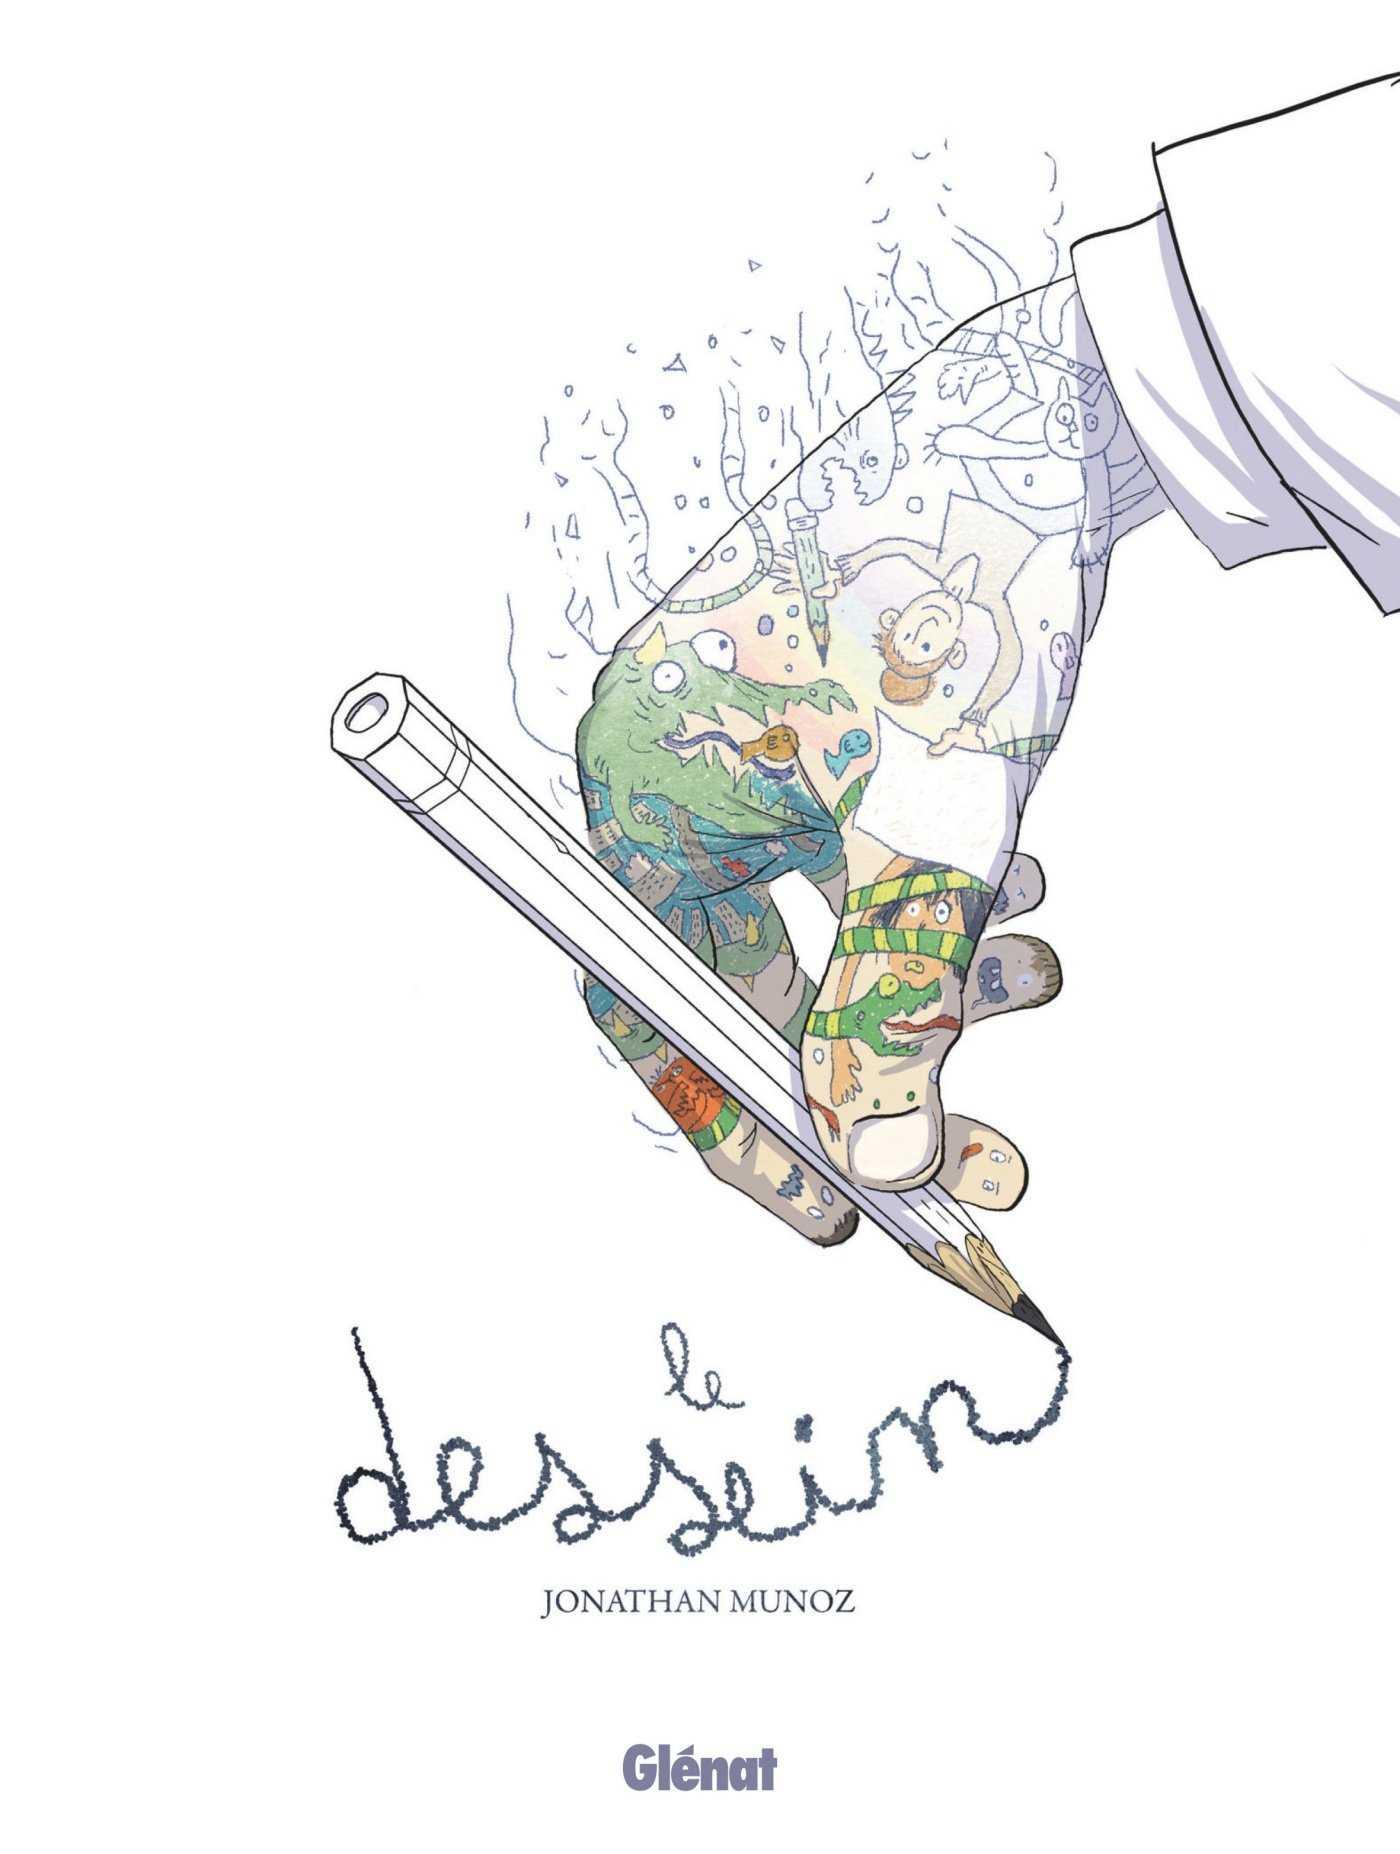 Le Dessein, joies et malheurs majeurs du dessinateur